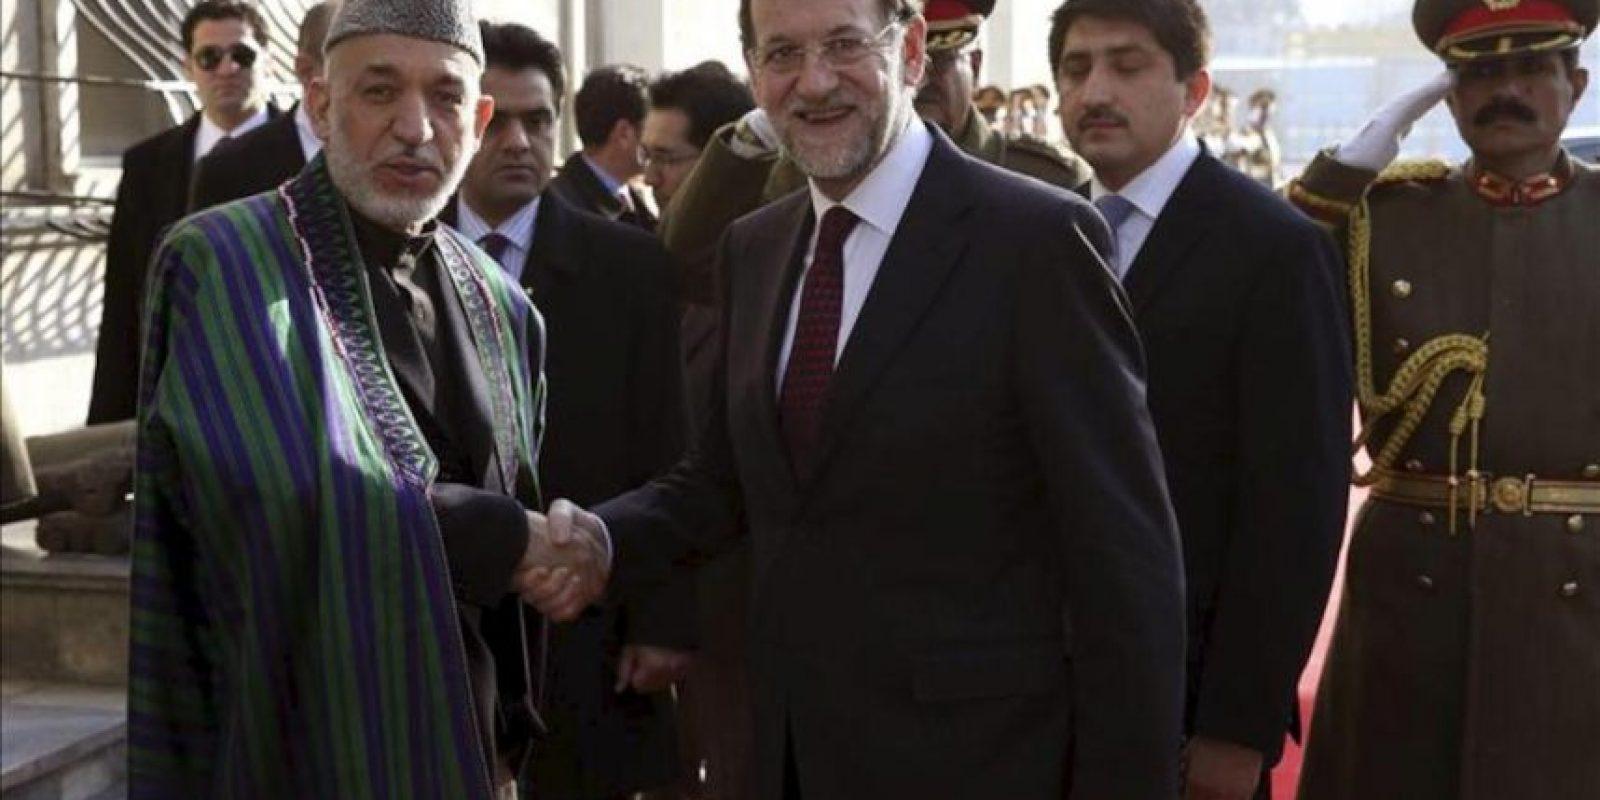 Fotografía facilitada por la Presidencia del Gobierno del jefe del Ejecutivo español, Mariano Rajoy, saludando al presidente afgano, Hamid Karzai, durante su visita por sorpresa hoy a Afaganistan, acompañado por el ministro de Defensa, Pedro Morenés. EFE